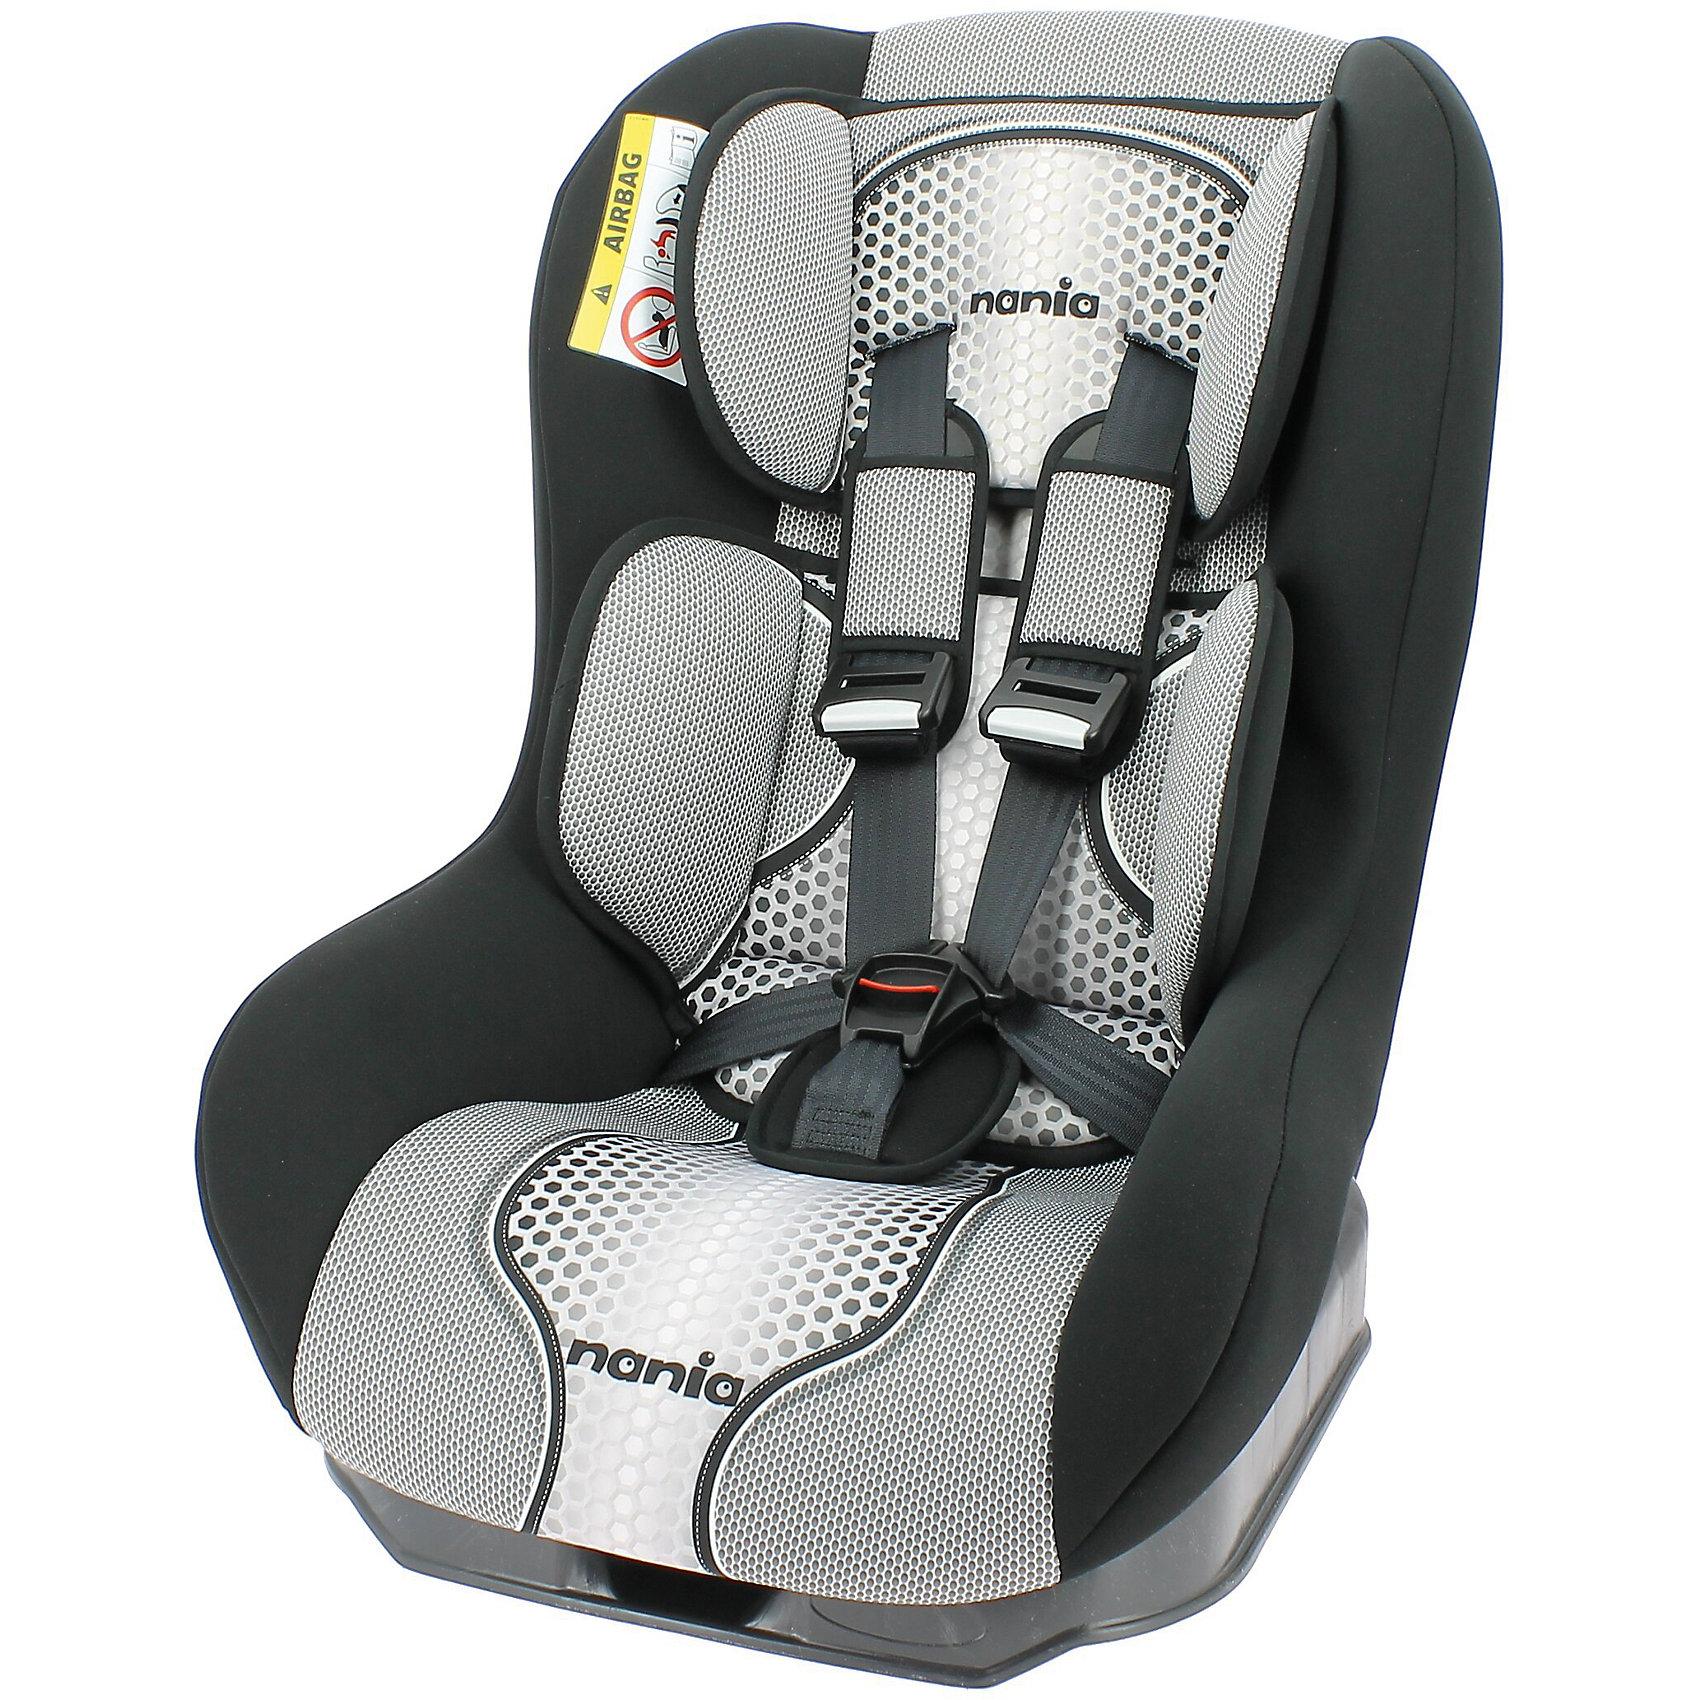 Автокресло Nania Driver FST, 0-18 кг, pop blackГруппа 0+, 1 (До 18 кг)<br>Характеристики автокресла Nania Driver FST:<br><br>• группа 0-1;<br>• вес ребенка: до 18 кг;<br>• возраст ребенка: от рождения до 4-х лет;<br>• способ установки: по ходу движения автомобиля;<br>• способ крепления: штатными ремнями безопасности автомобиля;<br>• 5-ти точечные ремни безопасности с мягкими накладками;<br>• регулируемый наклон спинки;<br>• анатомический вкладыш для новорожденного, подголовник;<br>• дополнительная защита от боковых ударов, система SP (side protection);<br>• съемные чехлы, стирка при температуре 30 градусов;<br>• материал: пластик, полиэстер;<br>• стандарт безопасности: ЕСЕ R44/03.<br><br>Размер автокресла: 59х48х43 см<br>Размер упаковки: 45х50х60 см<br>Вес в упаковке: 4,44 кг<br><br>Обезопасить ребенка во время поездок на машине помогает детское автокресло. Группа автокресел 0/1 используется, пока вес ребенка находится в пределах 18 кг. Регулируемый наклон спинки позволяет малышу выбрать подходящее положение и для сна, и для игр. Малыша пристегивают встроенными ремнями безопасности, которые регулируются по длине. <br><br>Автокресло Driver FST, 0-18 кг., Nania, pop black можно купить в нашем интернет-магазине.<br><br>Ширина мм: 600<br>Глубина мм: 460<br>Высота мм: 520<br>Вес г: 12490<br>Возраст от месяцев: 0<br>Возраст до месяцев: 48<br>Пол: Унисекс<br>Возраст: Детский<br>SKU: 5287296